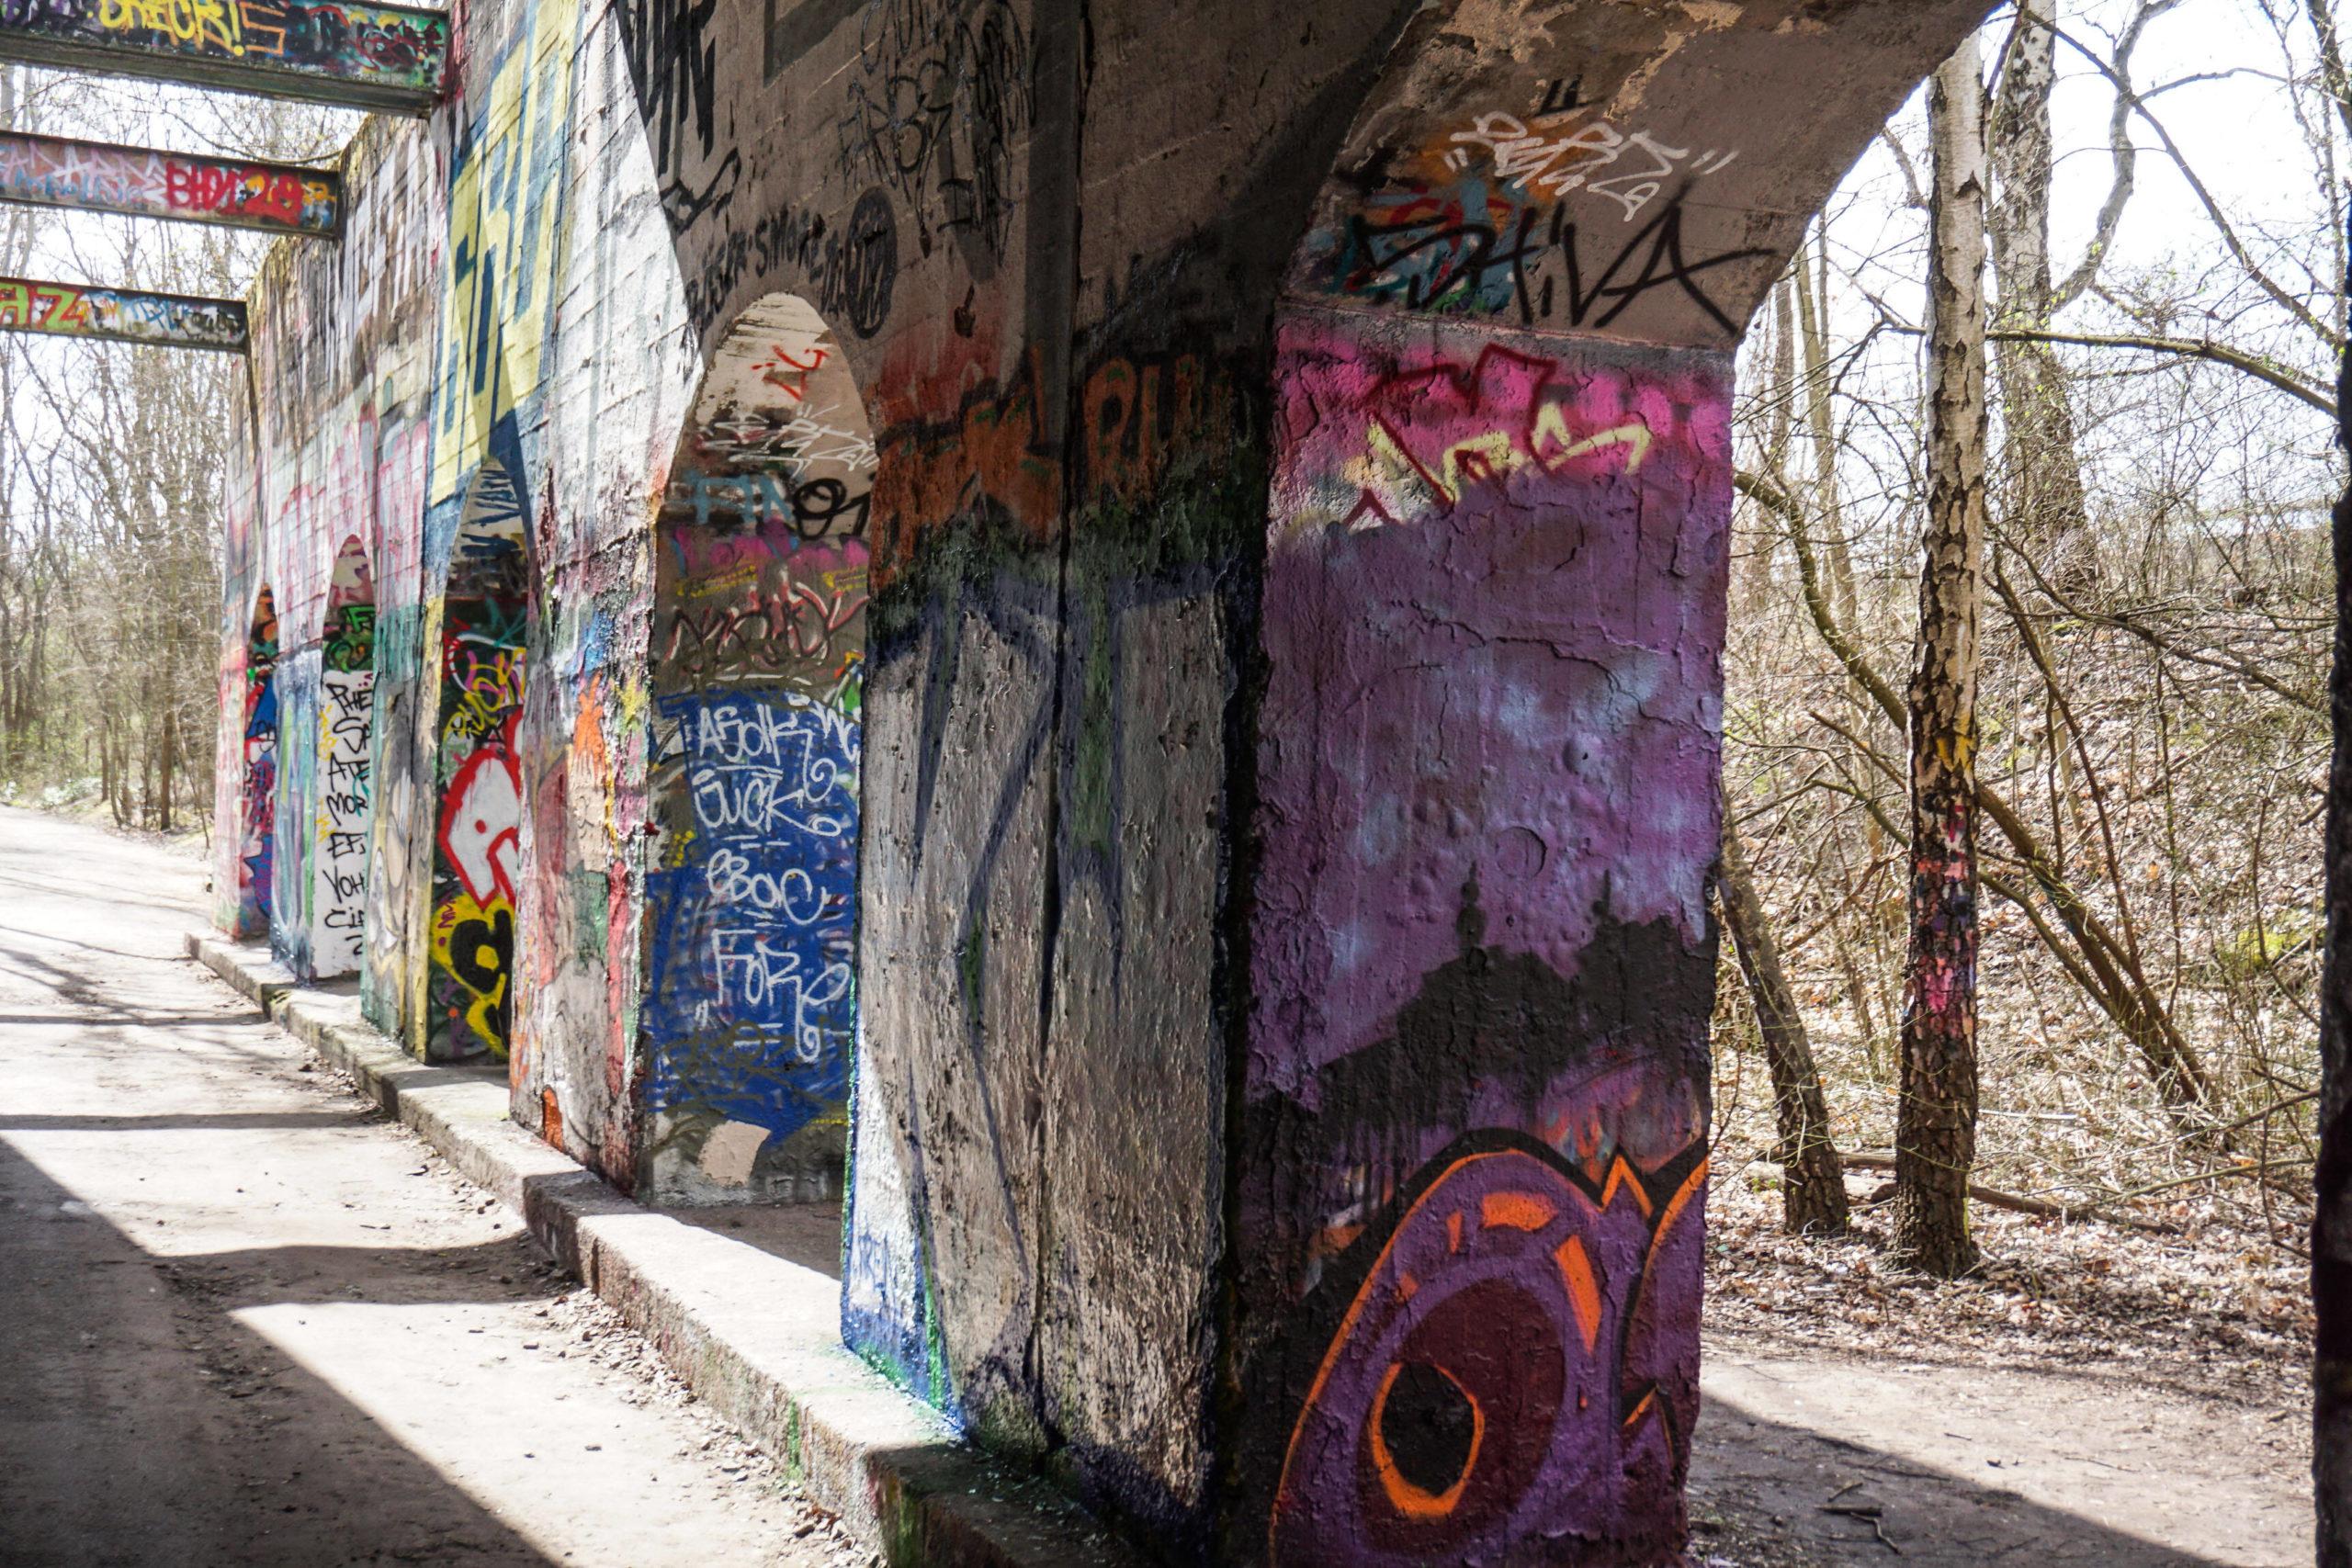 Graffiti im Natur-Park Südgelände: Die Kunstwerke an Säulen und Wänden sind hier erlaubt. Foto: Imago/Rolf Kremming